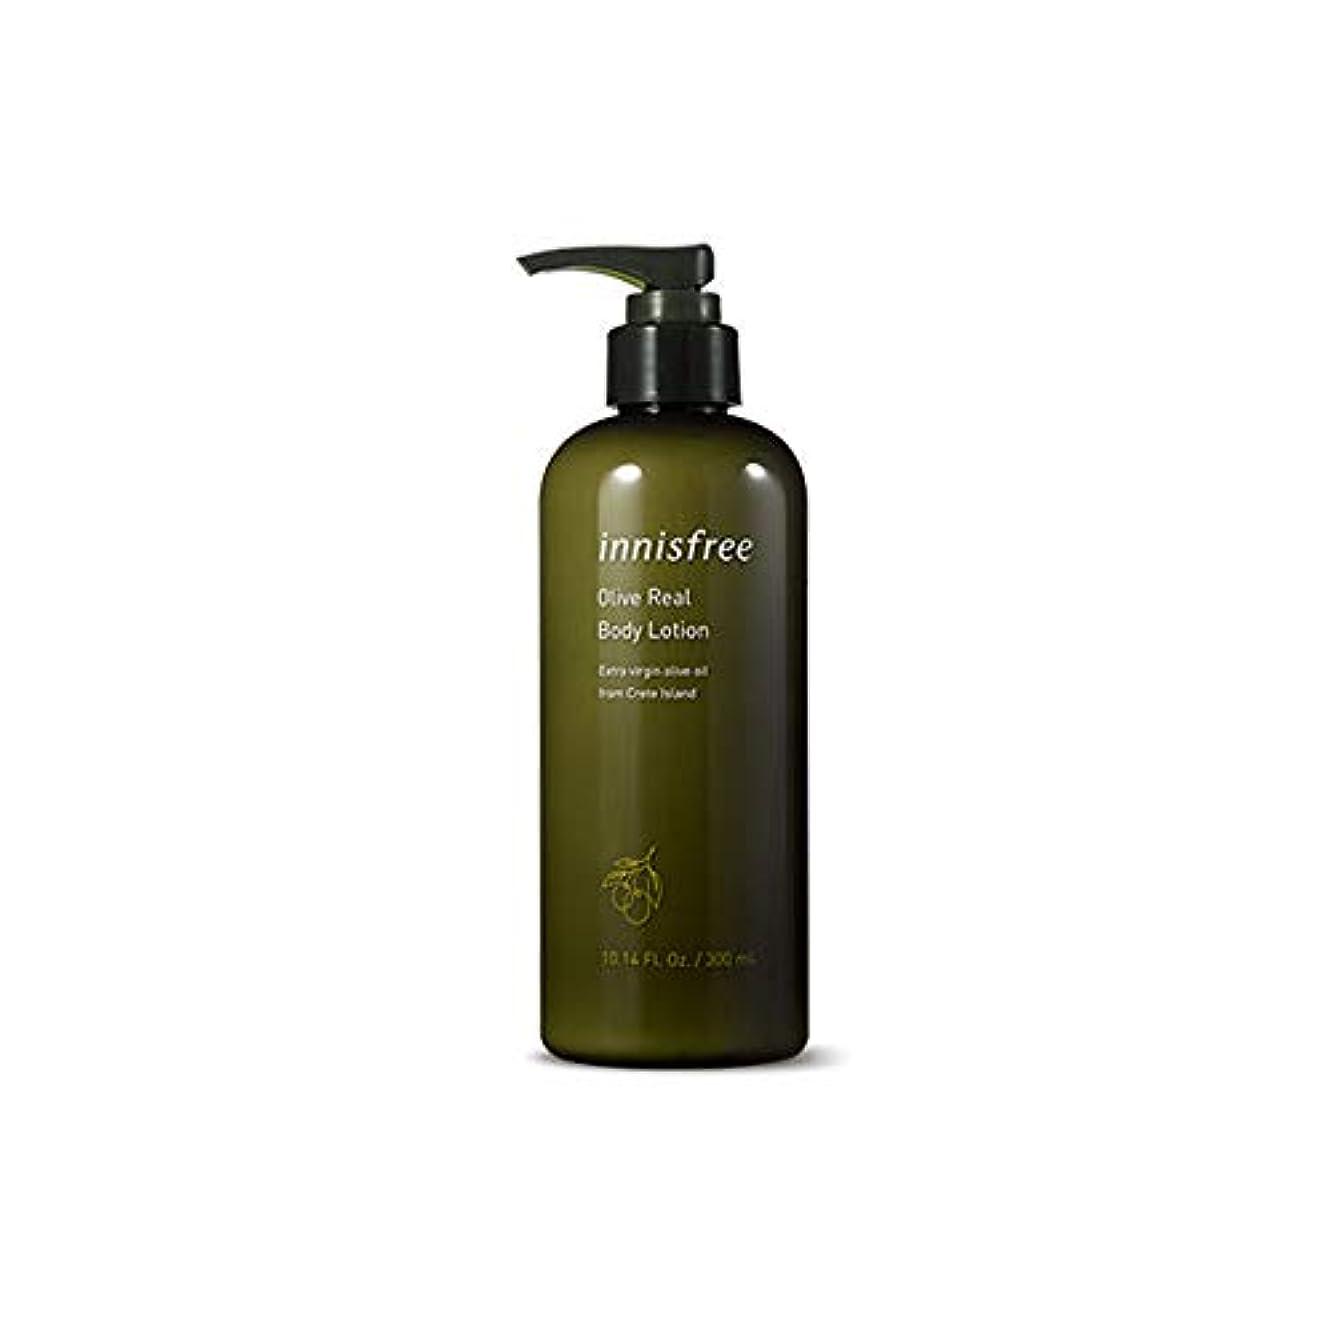 眩惑する国勢調査メアリアンジョーンズイニスフリー Innisfree オリーブリアル ボディーローション(300ml) Innisfree Olive Real Body Lotion(300ml) [海外直送品]